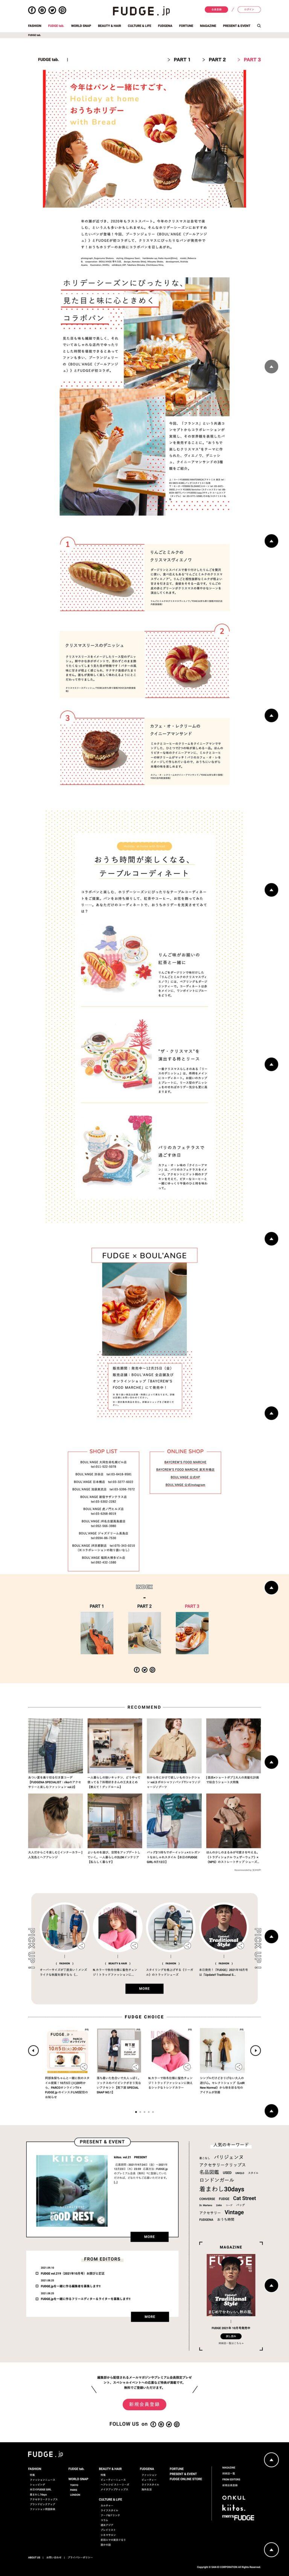 Vol.22 PART3 今年はパンと一緒にすごす、おうちホリデー | FUDGE tab.